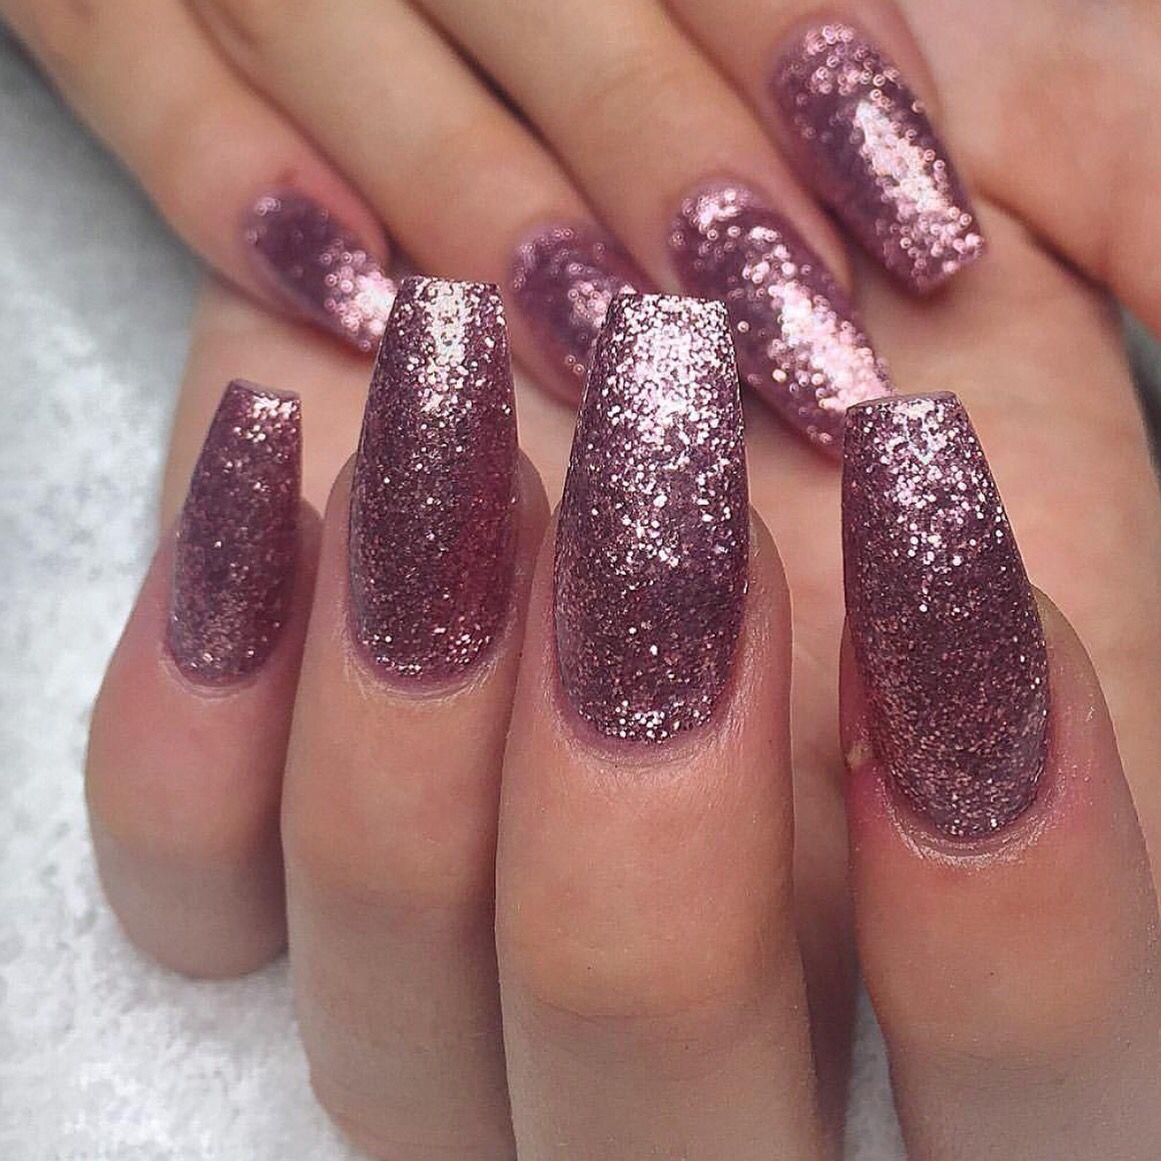 pinterest: @kyracamilon ☾♡ - Nails | Pinterest - Nagel